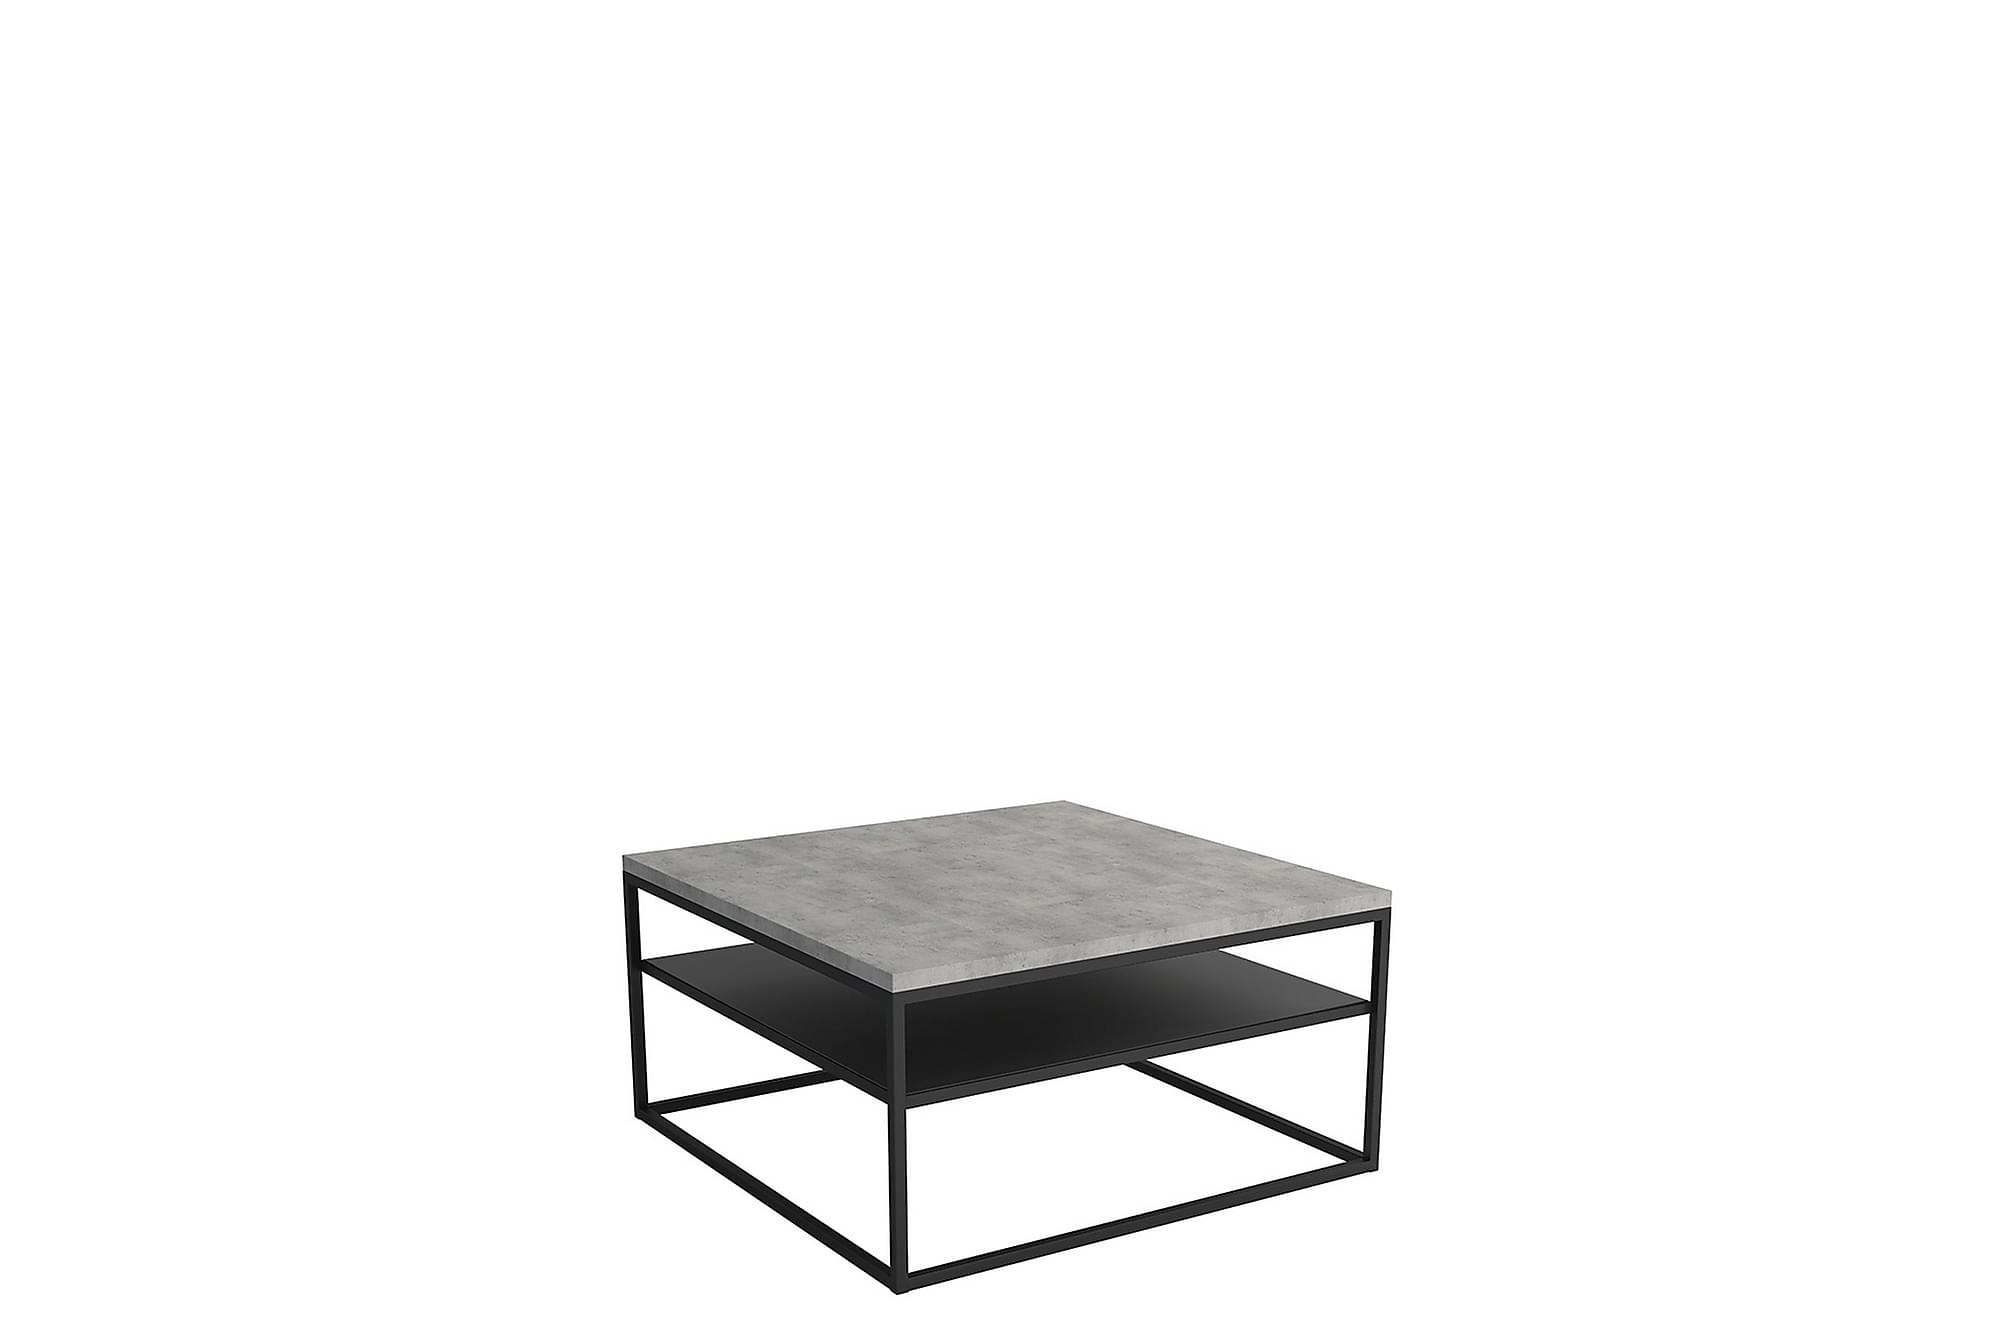 Northleach soffbord 85 cm grå/svart